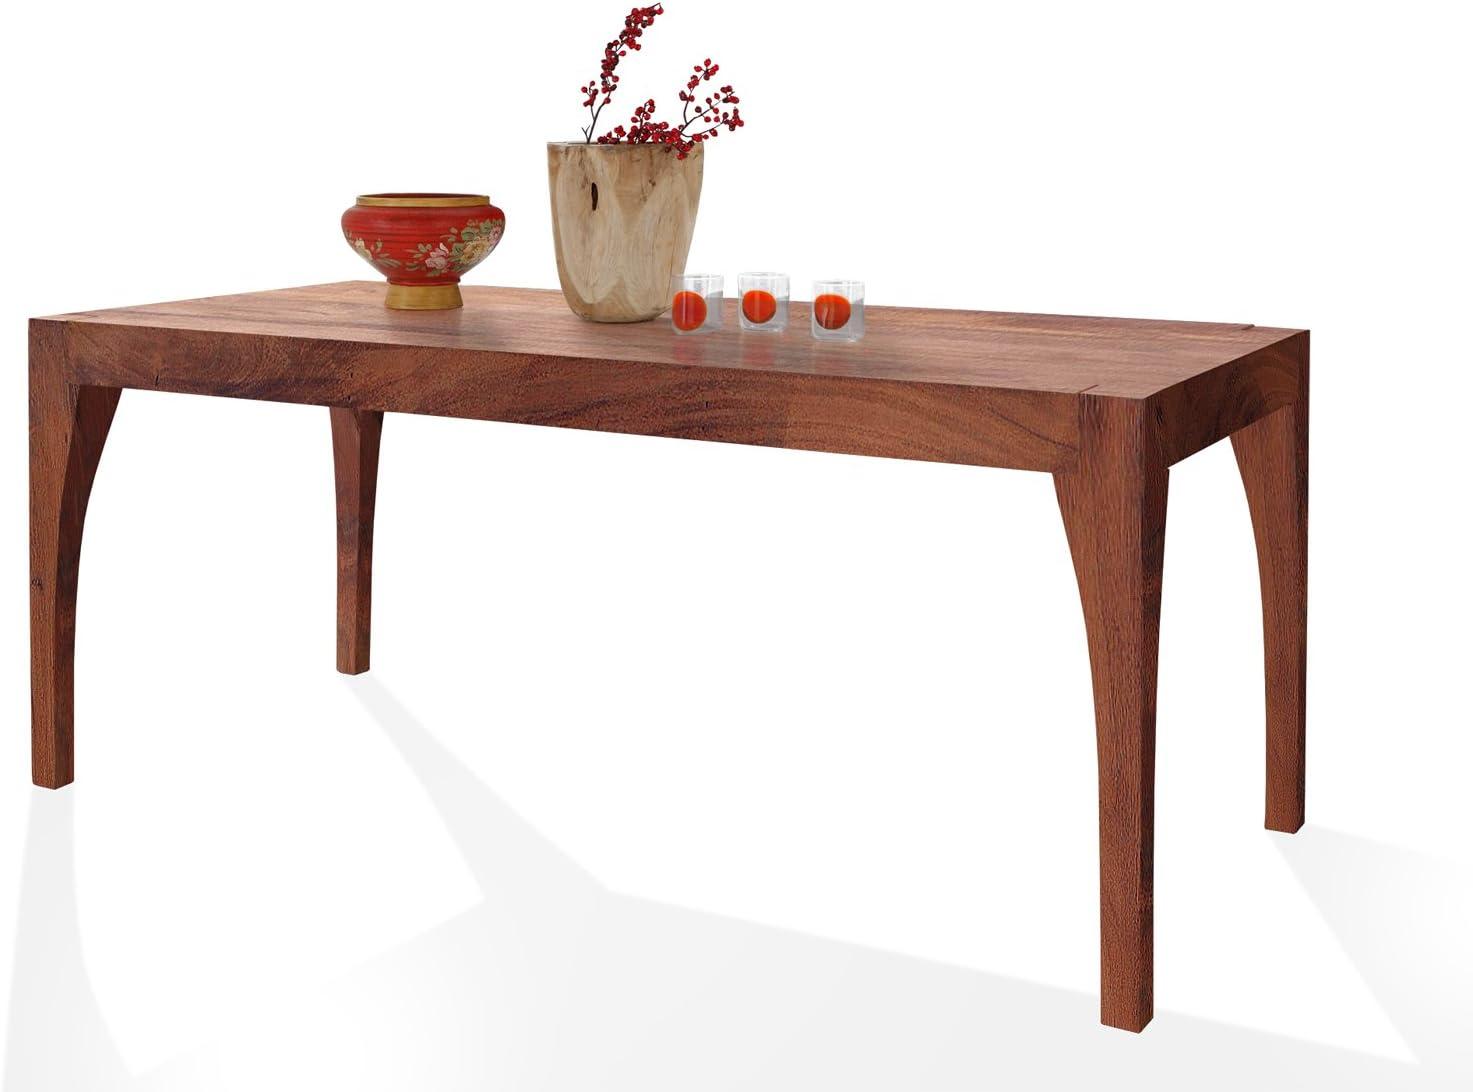 SAM Esszimmertisch Organic 4614 in Stone aus Akazie, Tisch